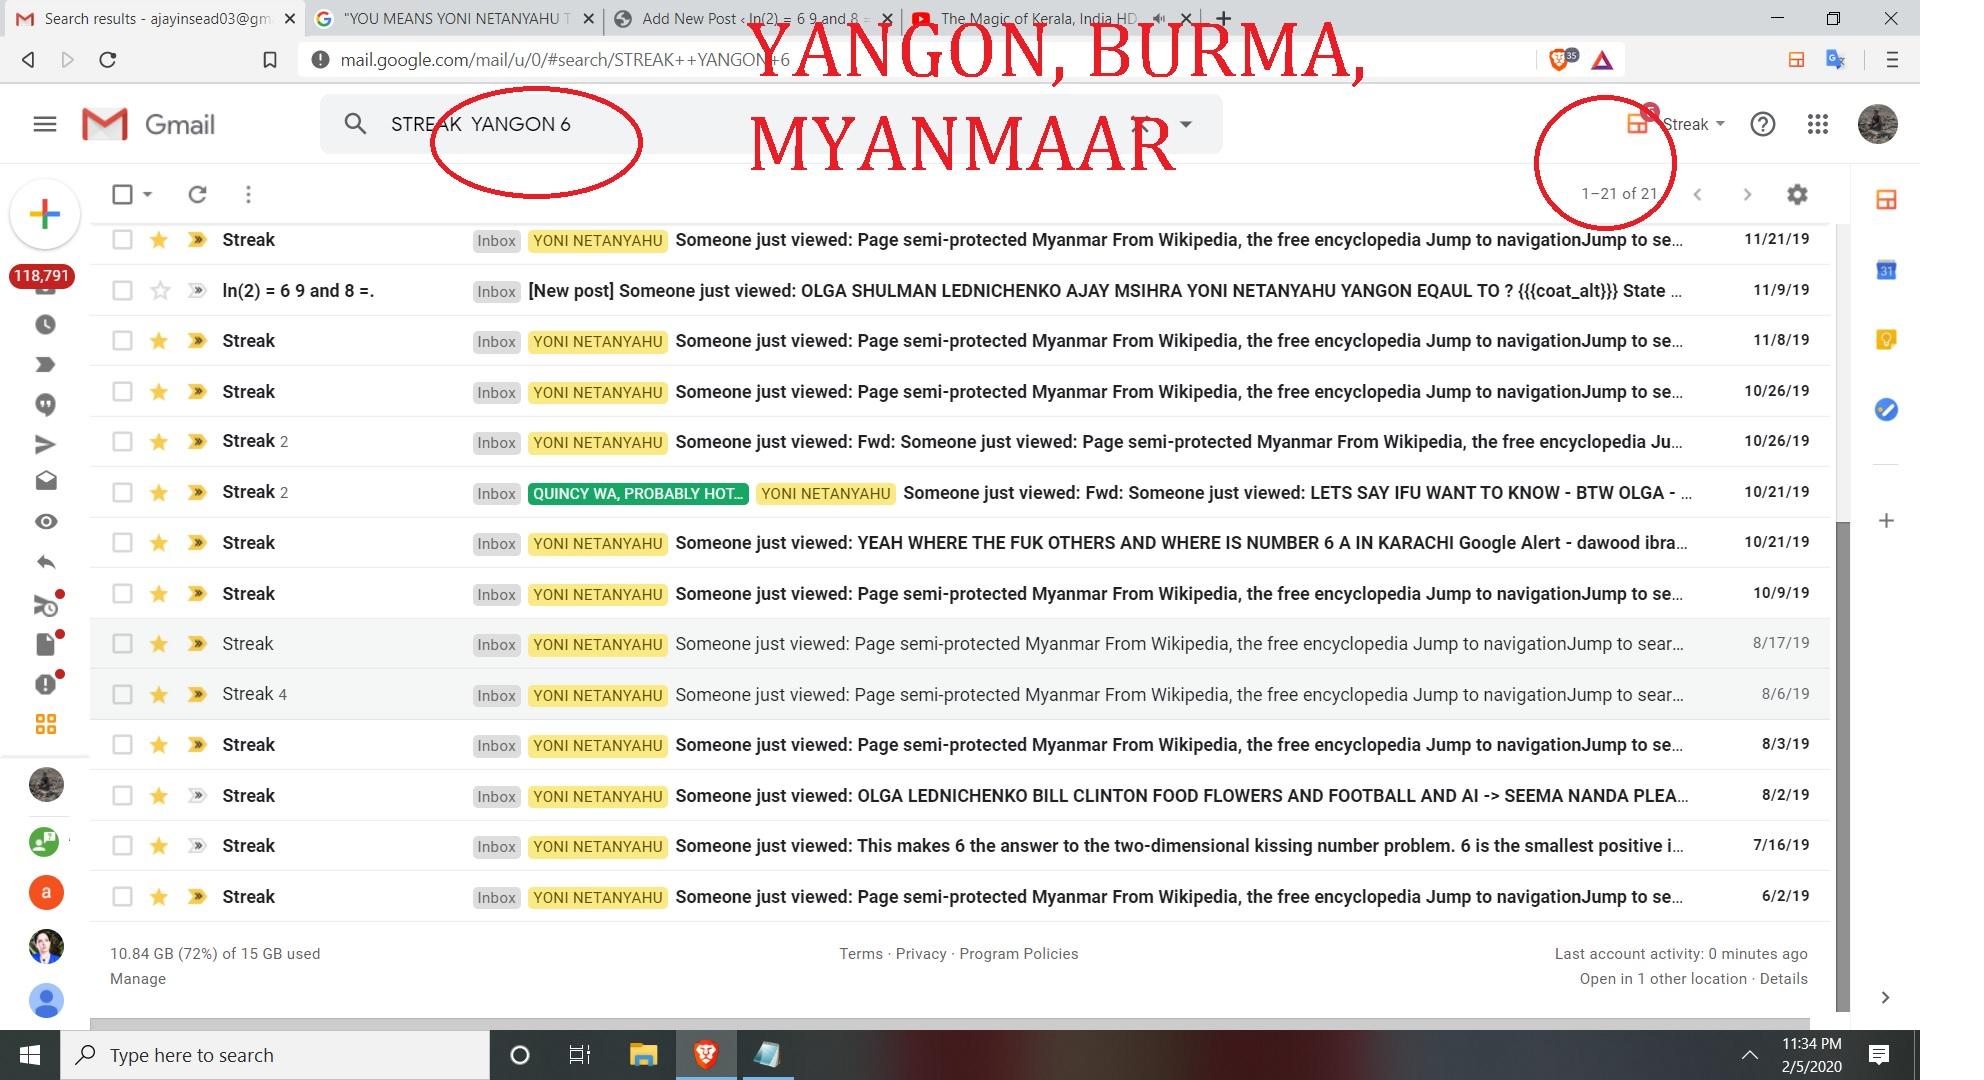 BRUMA OR MYANMAAR